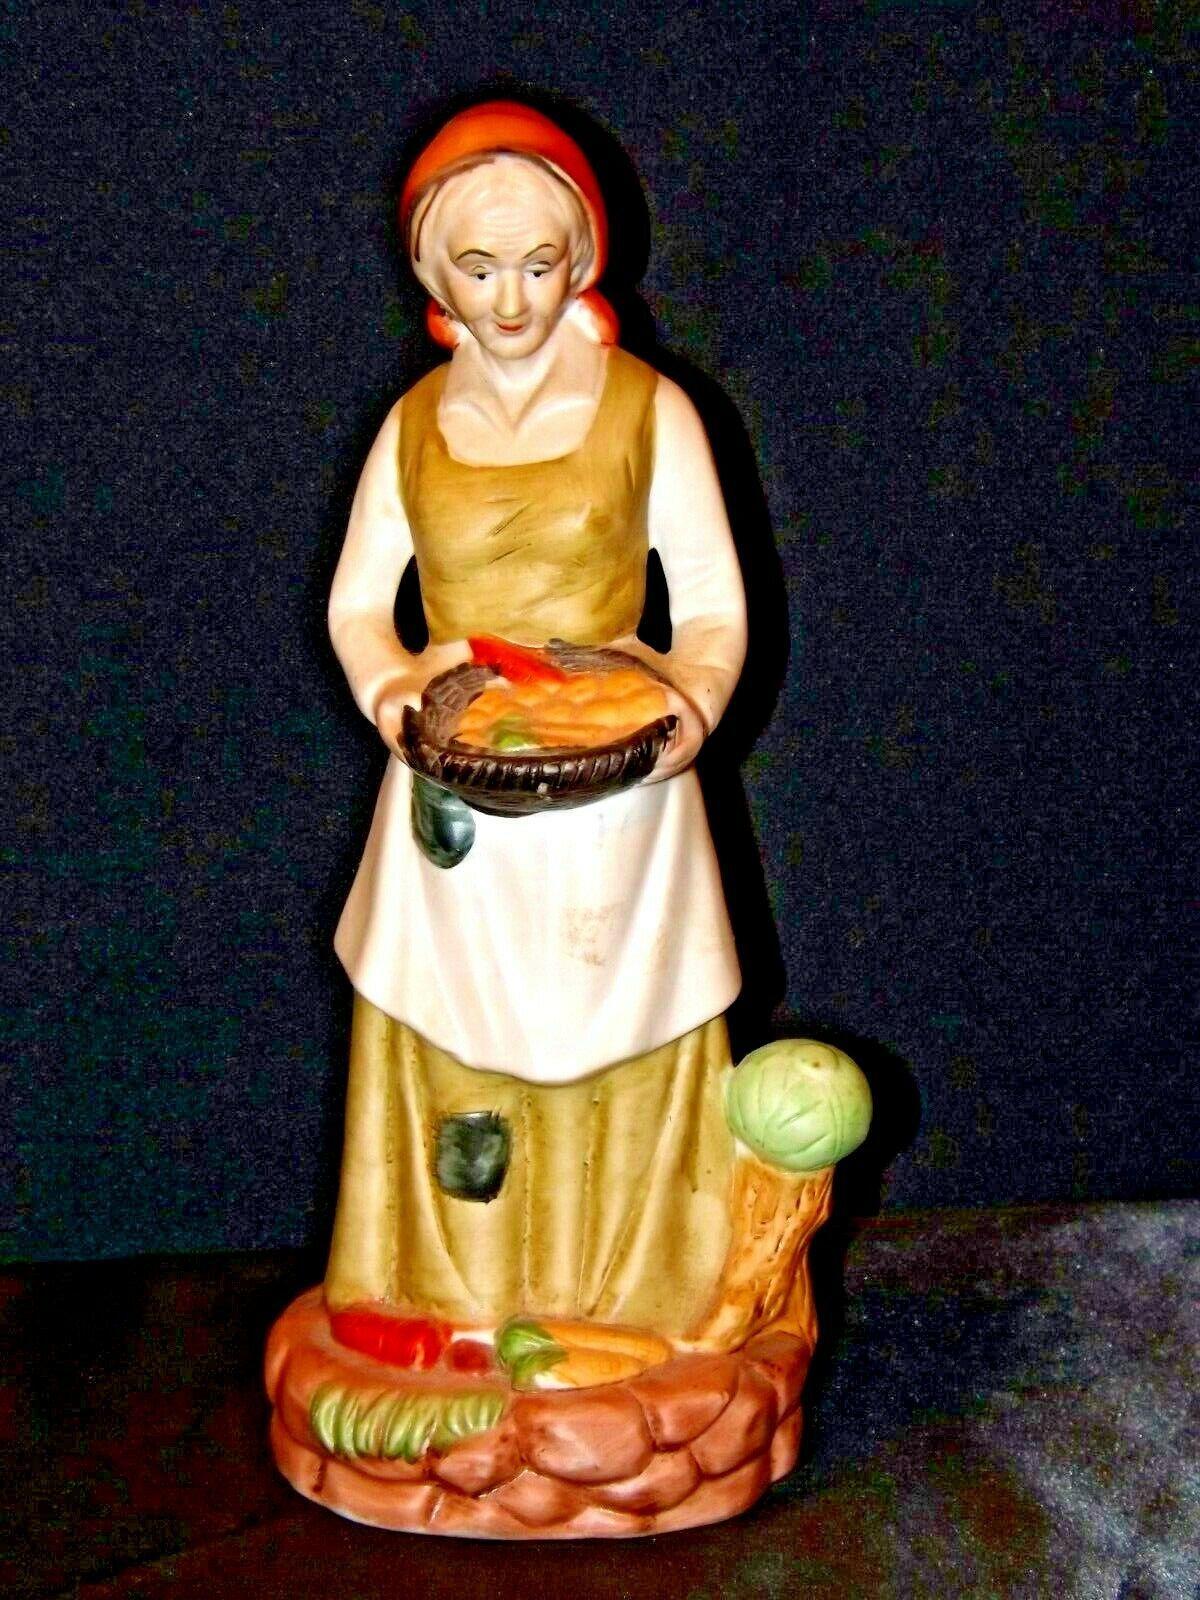 UCGC Old Woman Figurine Vintage AA19-1462